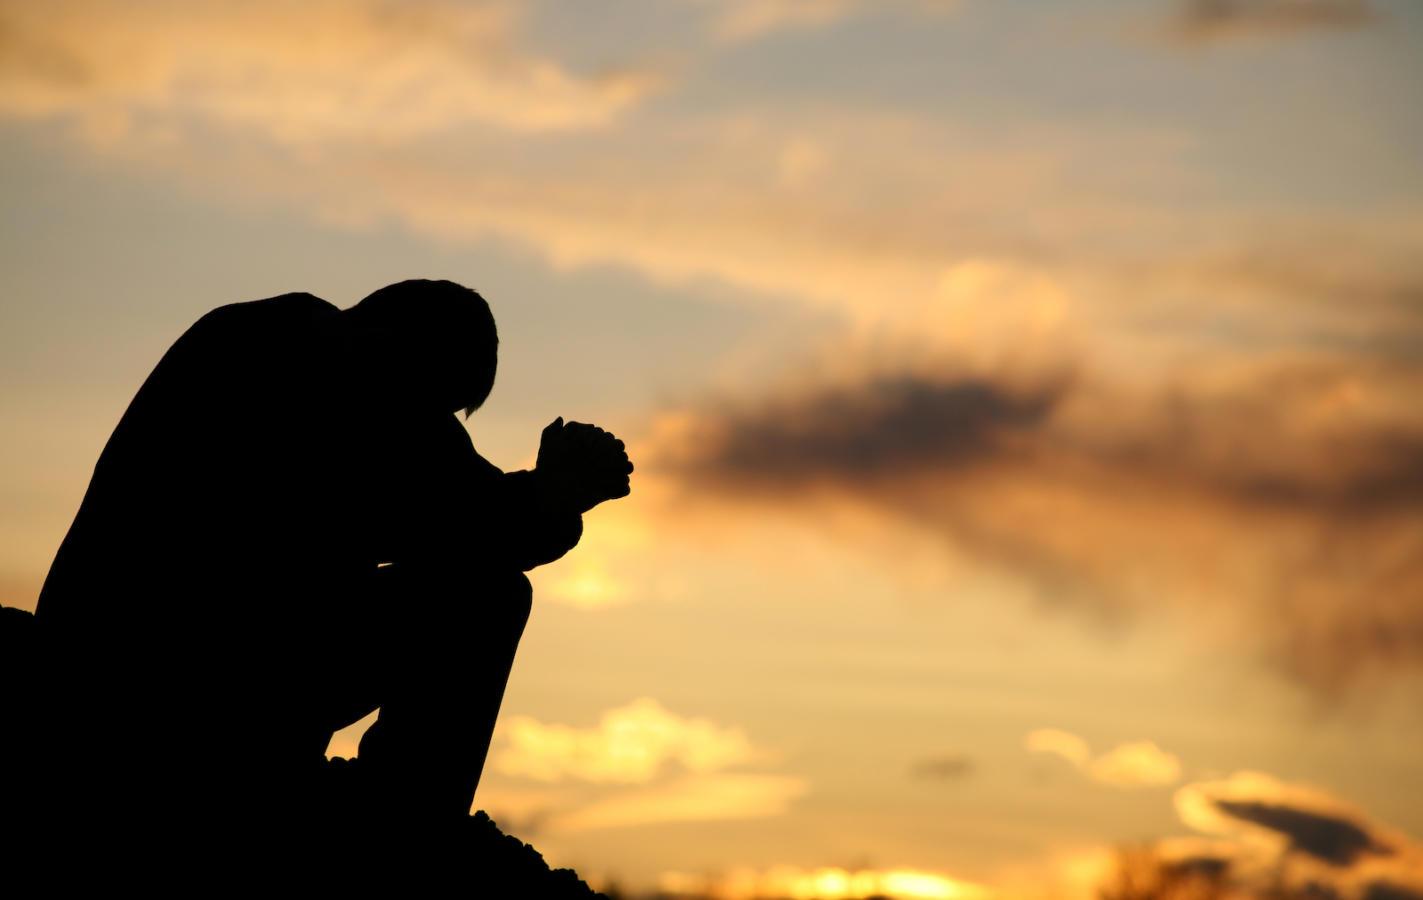 Ne kemi nevojë të përdorim këtë lutje në cdo kohë! – Spurgeon